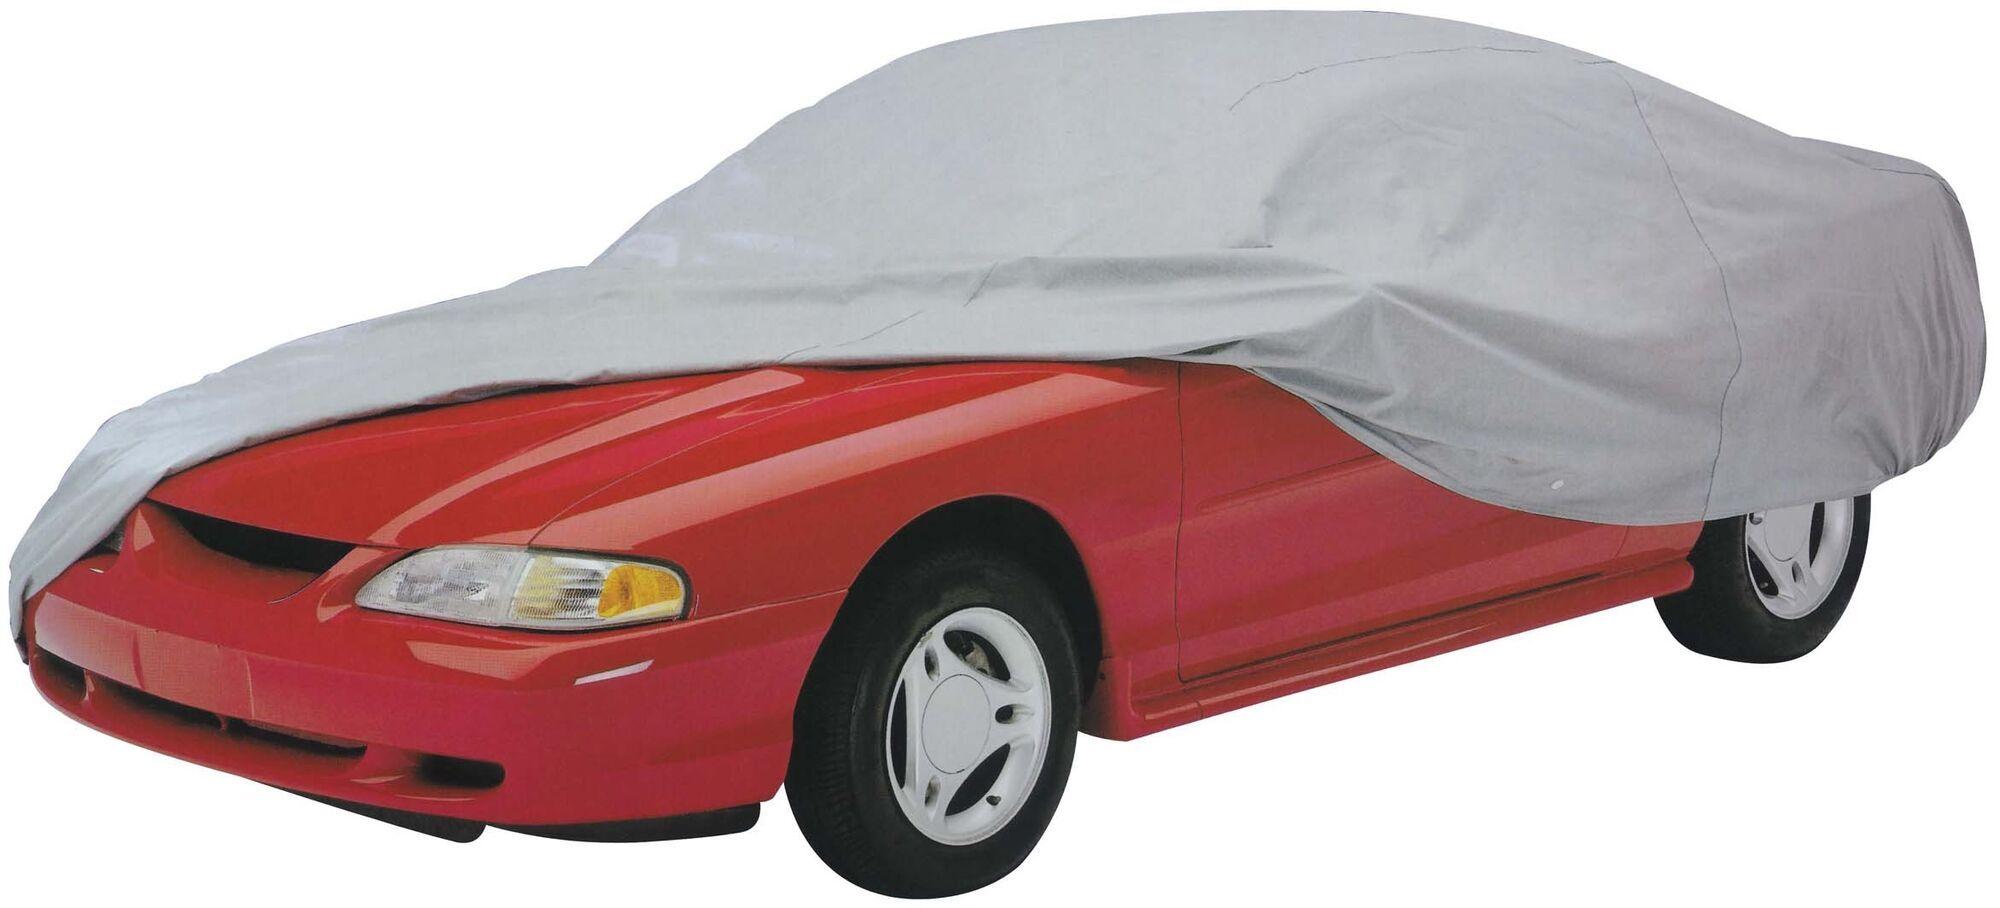 Как защитить авто от жаркого солнца, и что не стоит оставлять в салоне. Фото: